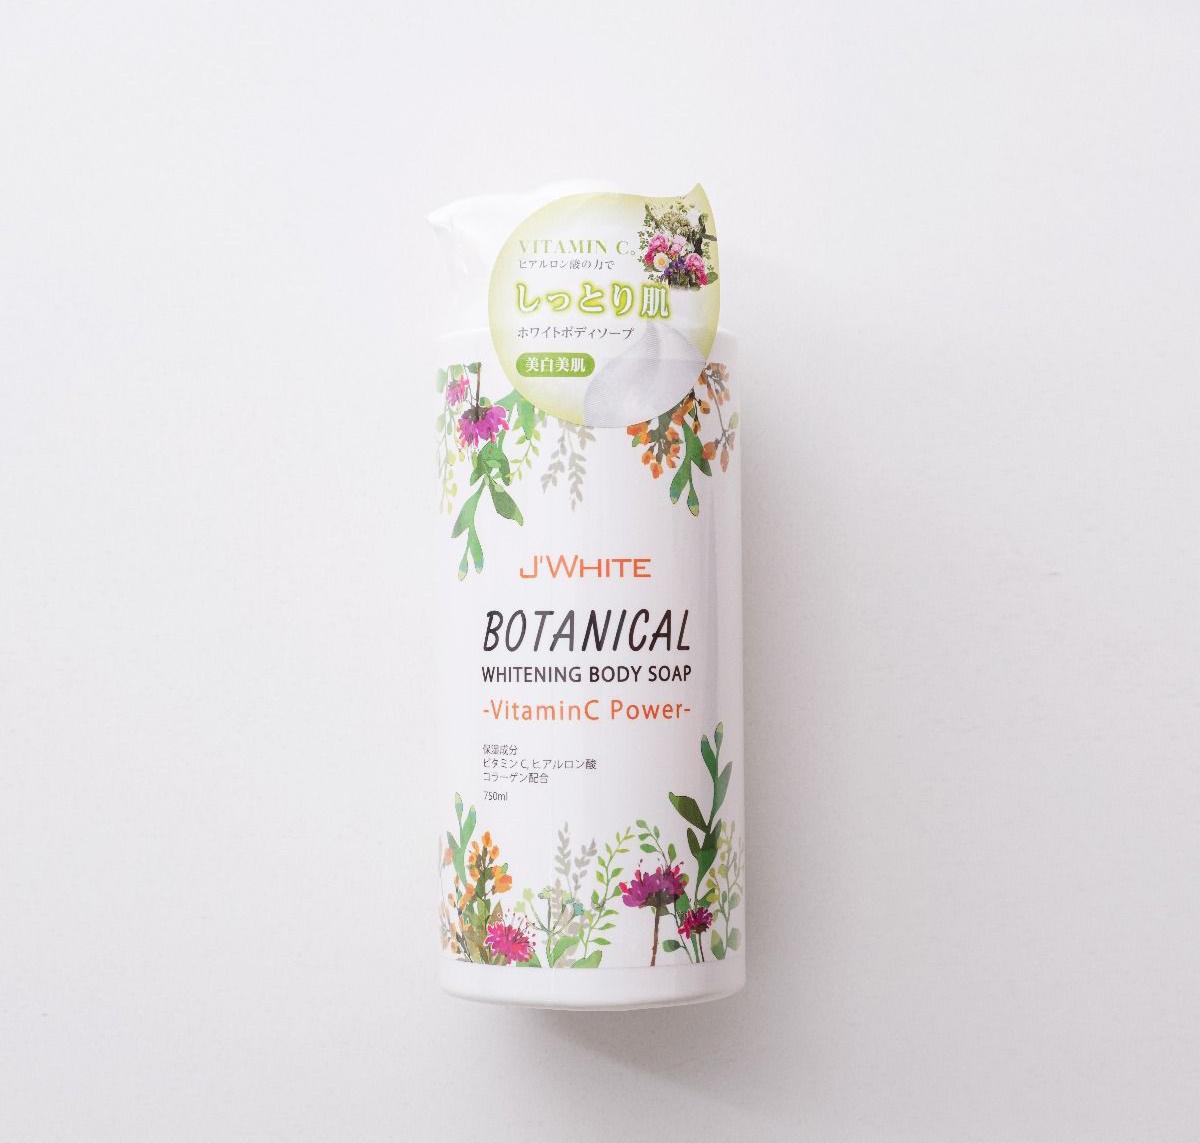 Sữa Tắm J'WHITE Botanical Whitening Body Soap Làm Sáng Da Chiết Xuất Vitamin C Hương Thảo Mộc 750ml